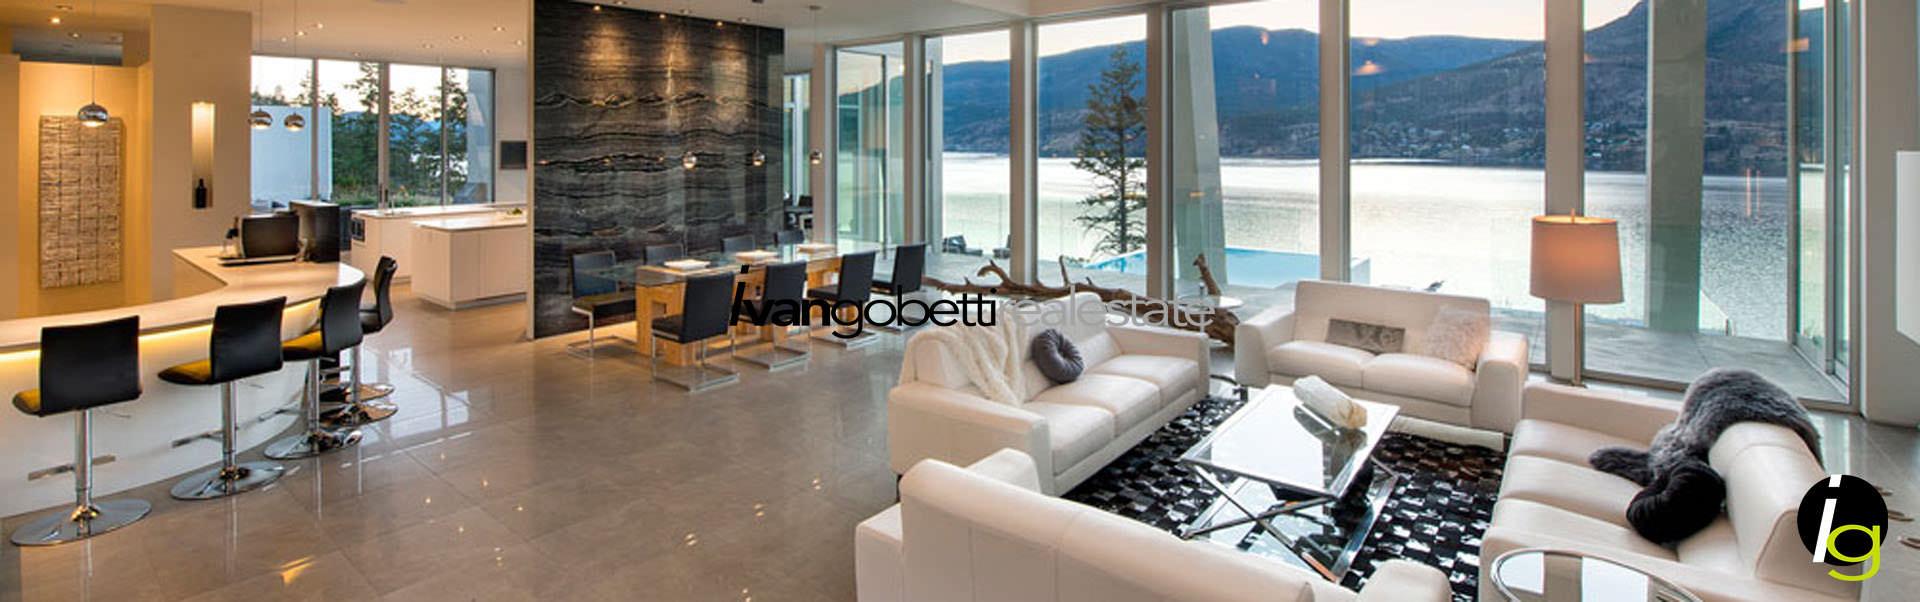 Vendesi terreno edificabile a Stresa Lago Maggiore